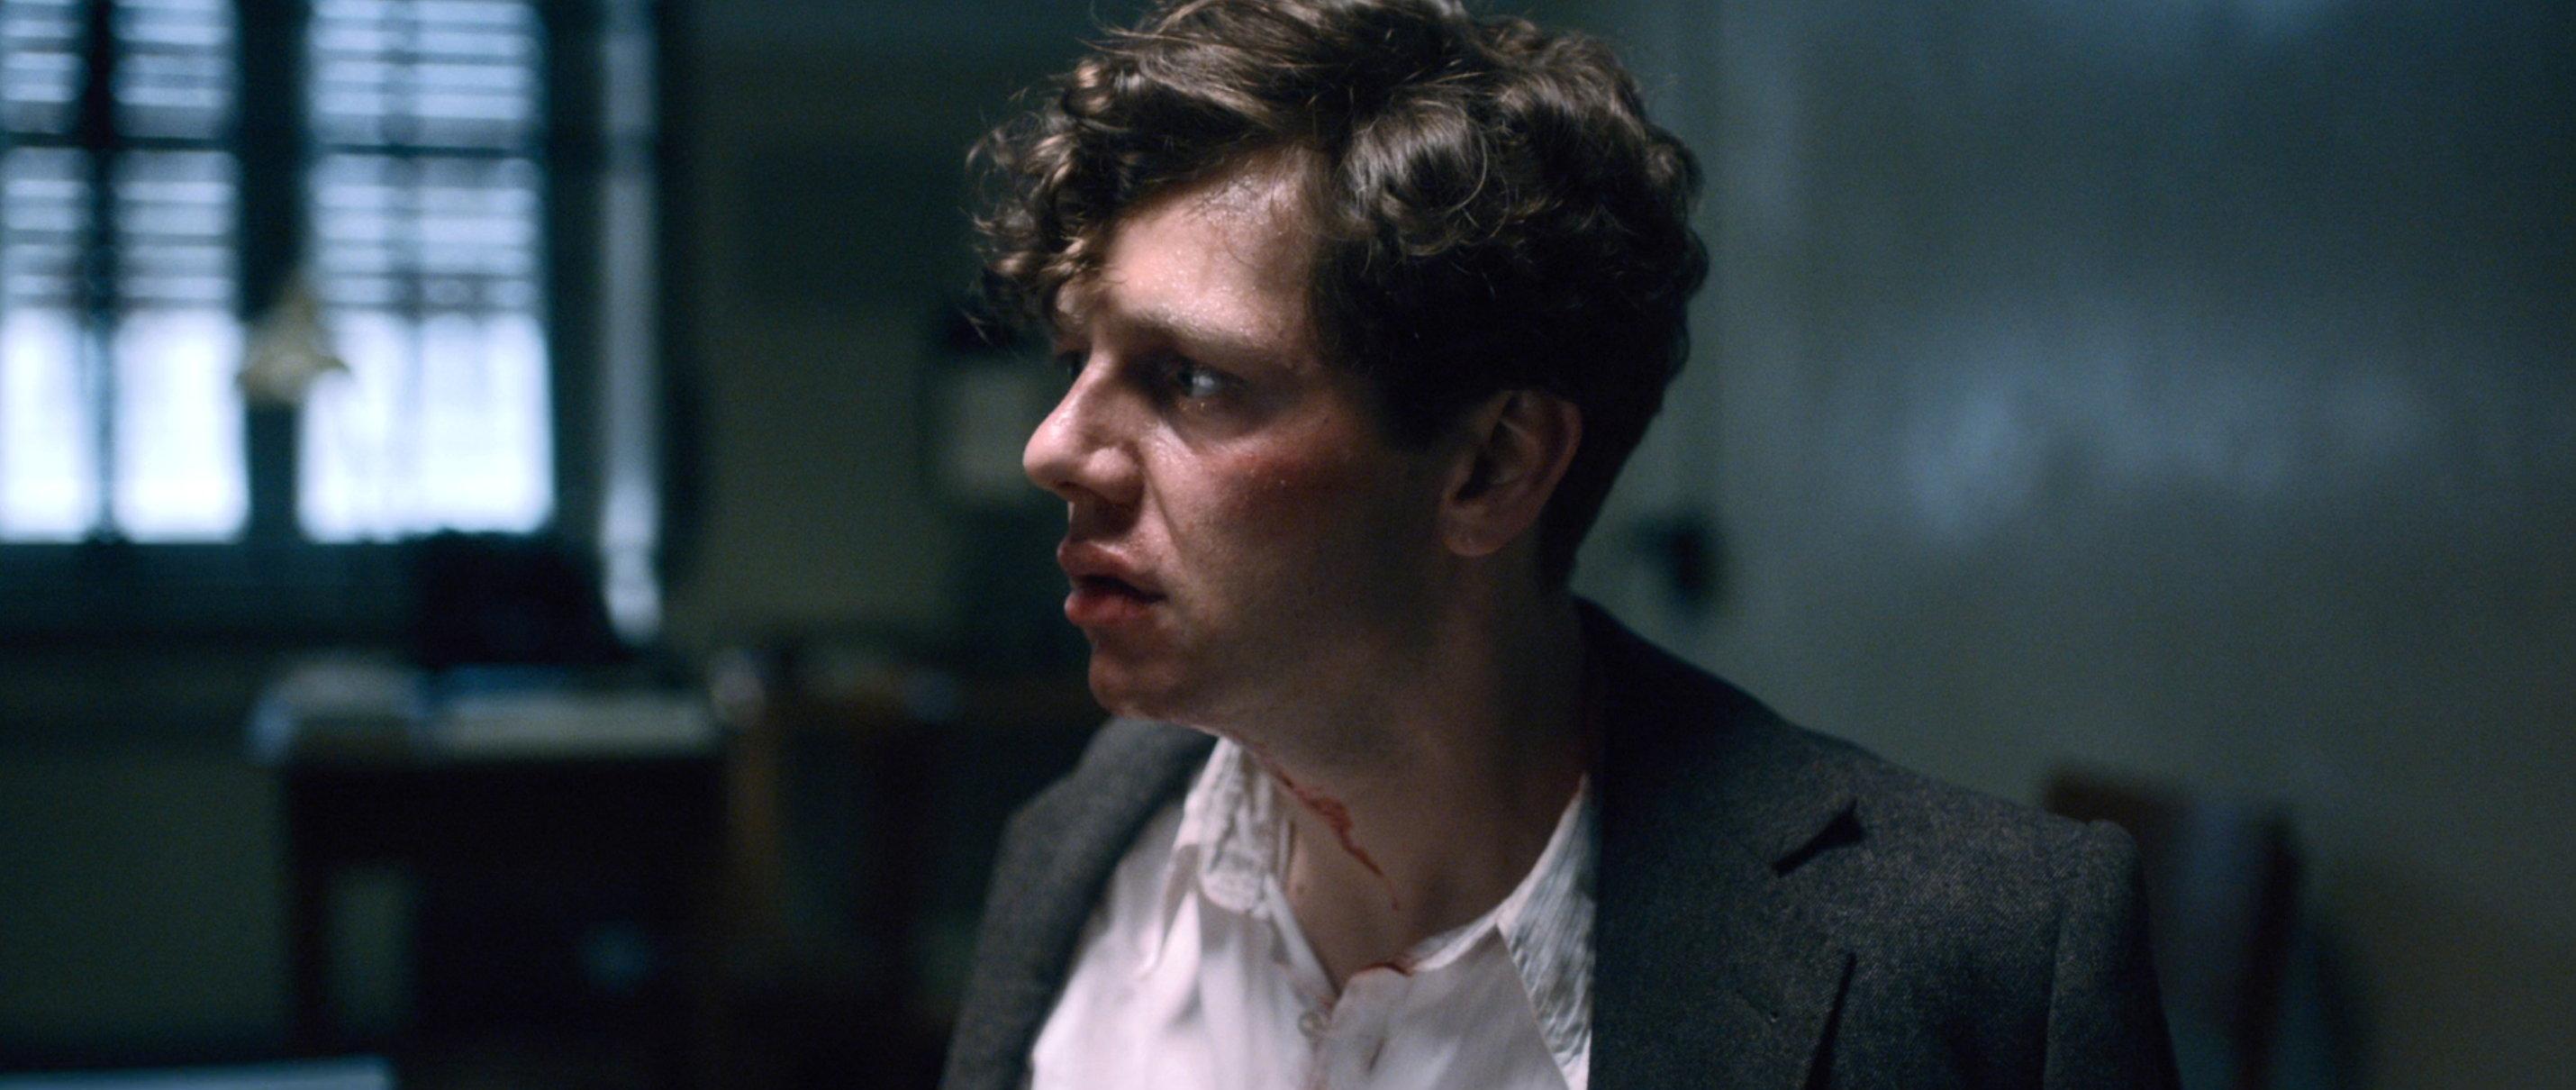 Elser - 13 Minutes - Georg Elser gespielt von Christian Friedel - Regie Oliver Hirschbiegel - Kamera Judith Kaufmann